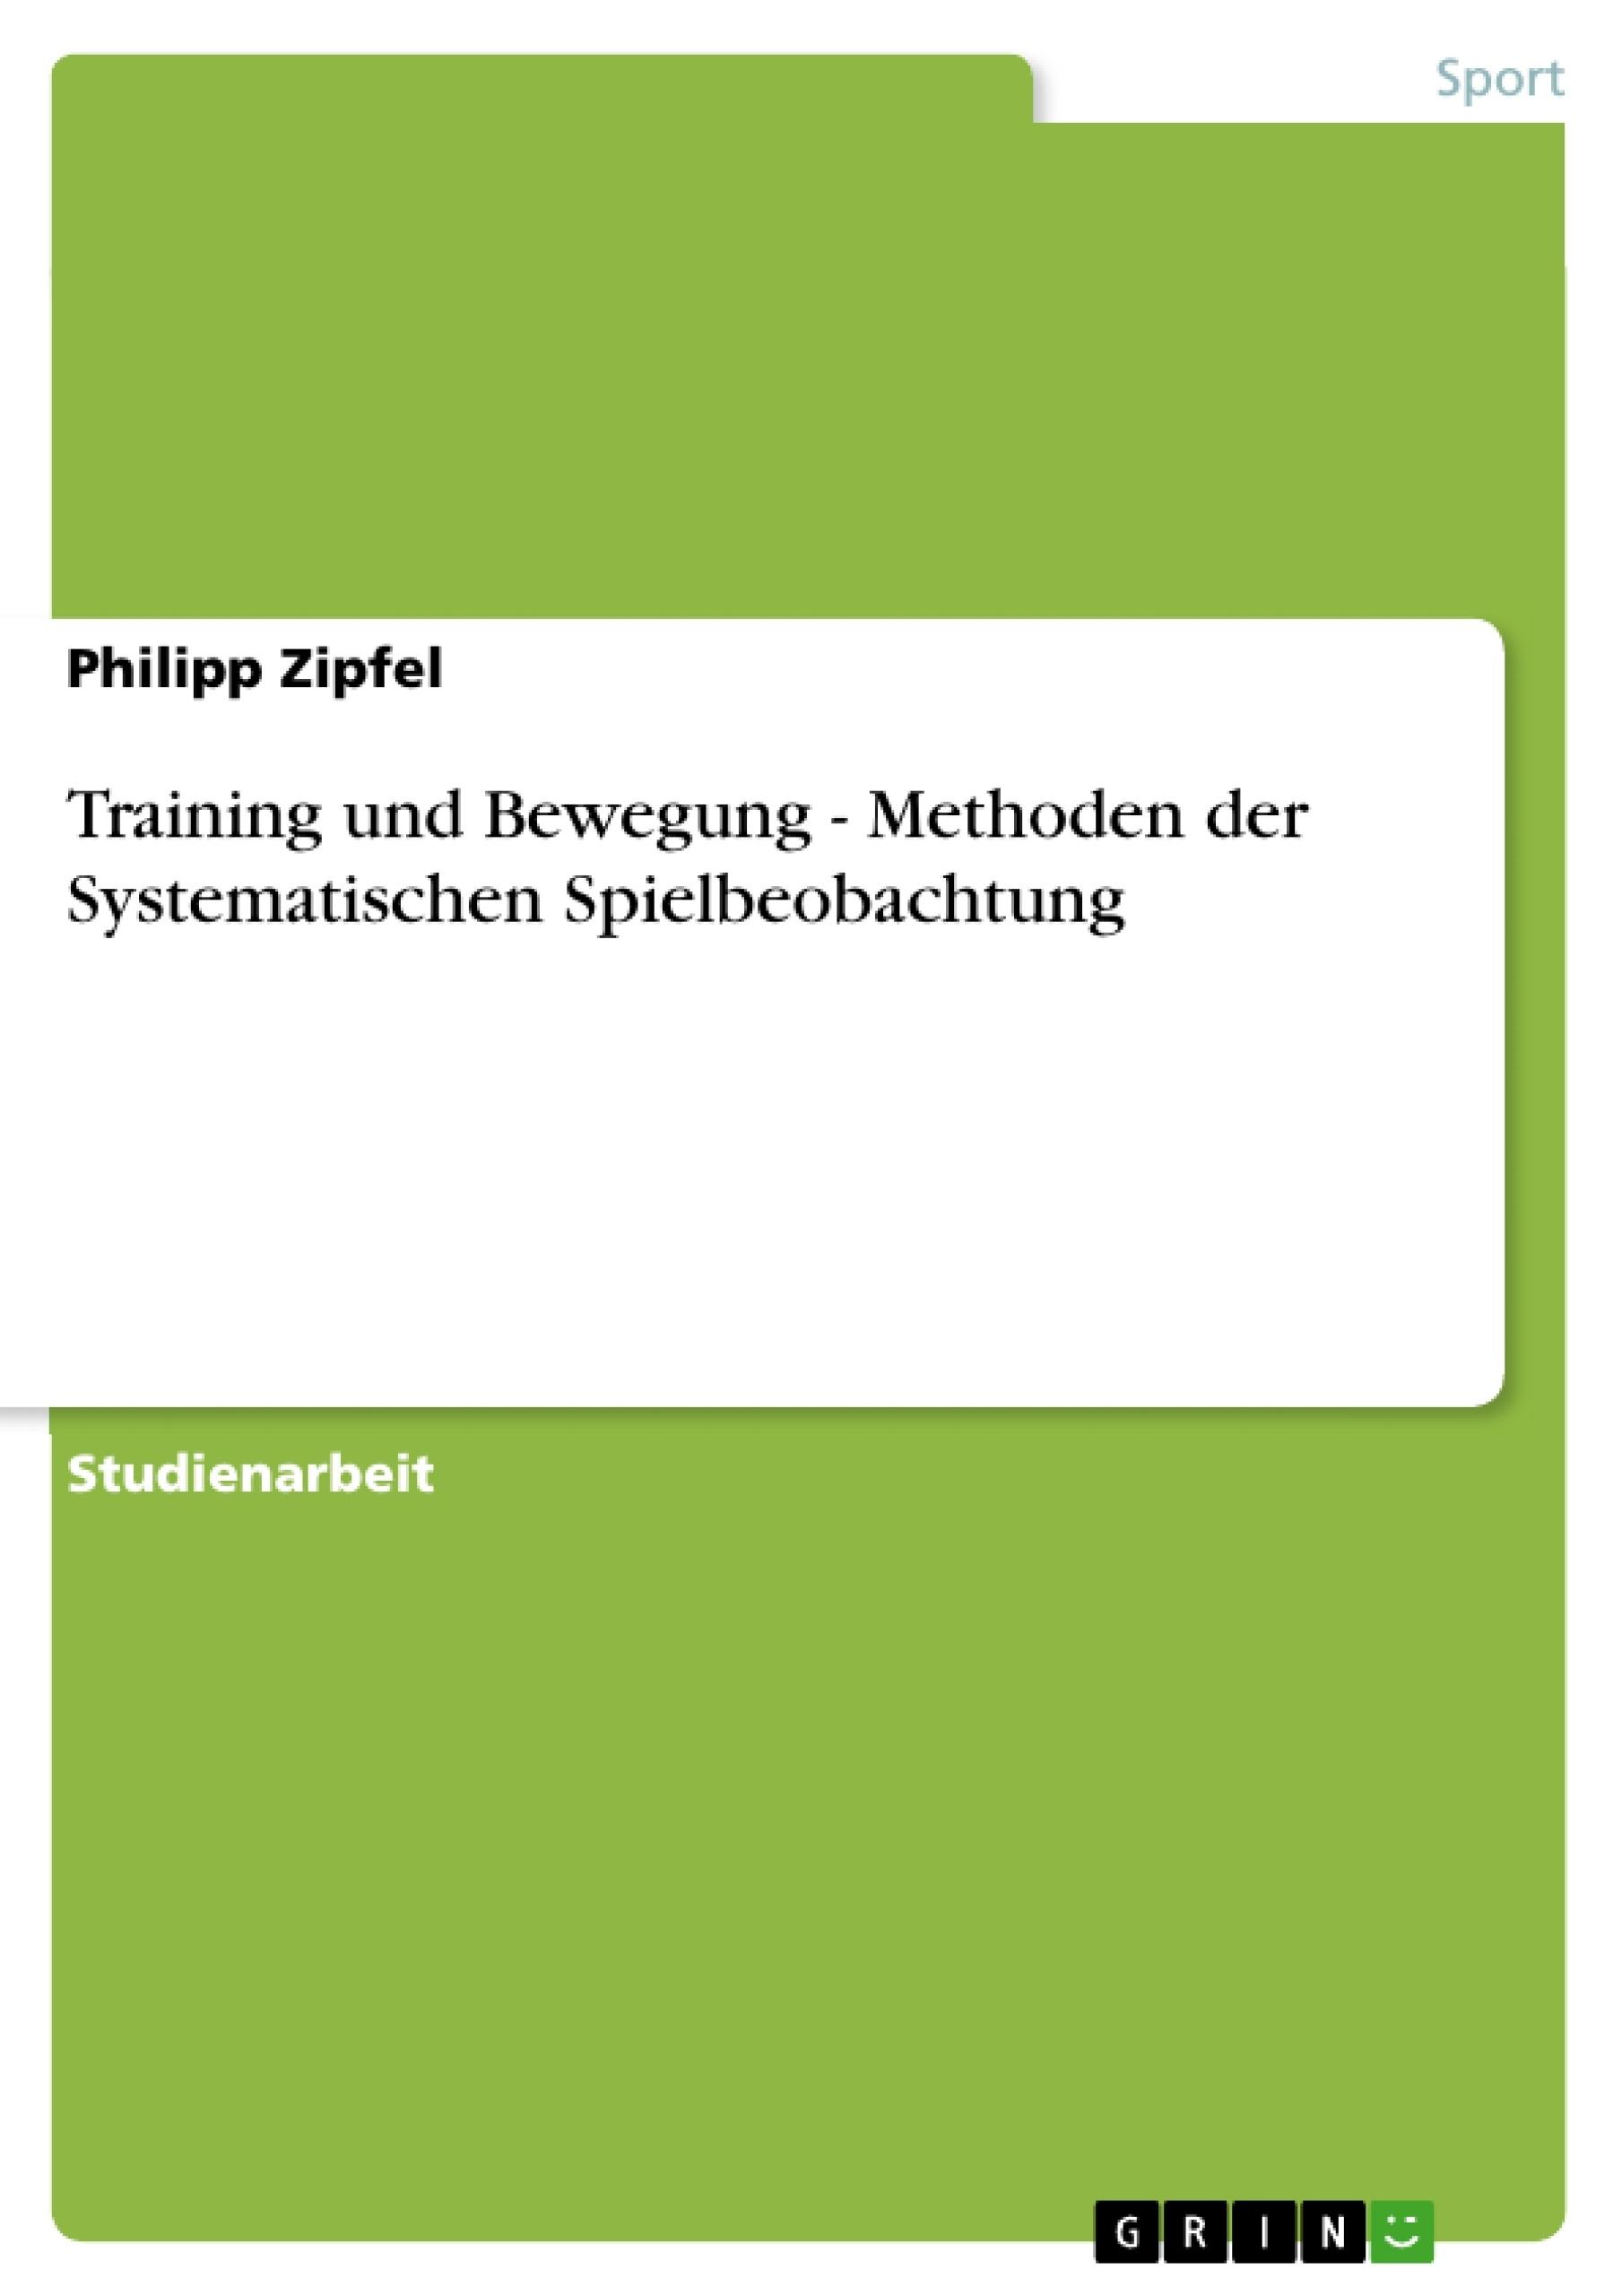 Titel: Training und Bewegung - Methoden der Systematischen Spielbeobachtung